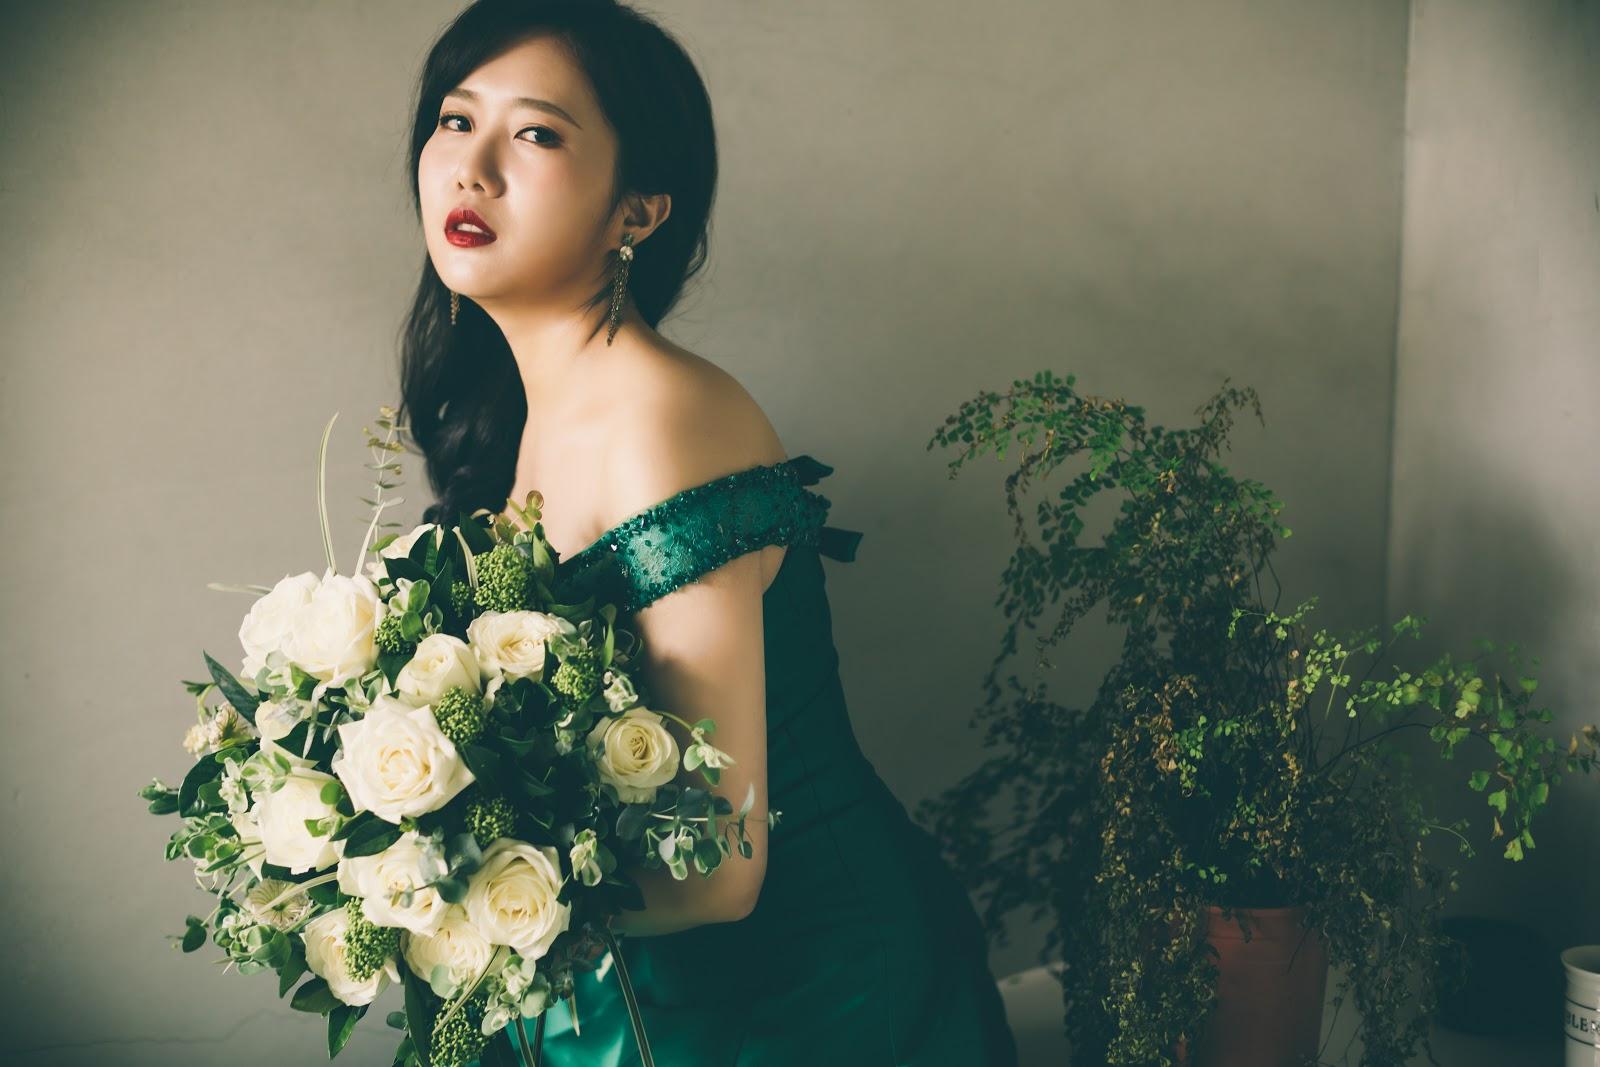 婚紗拍攝注意事項